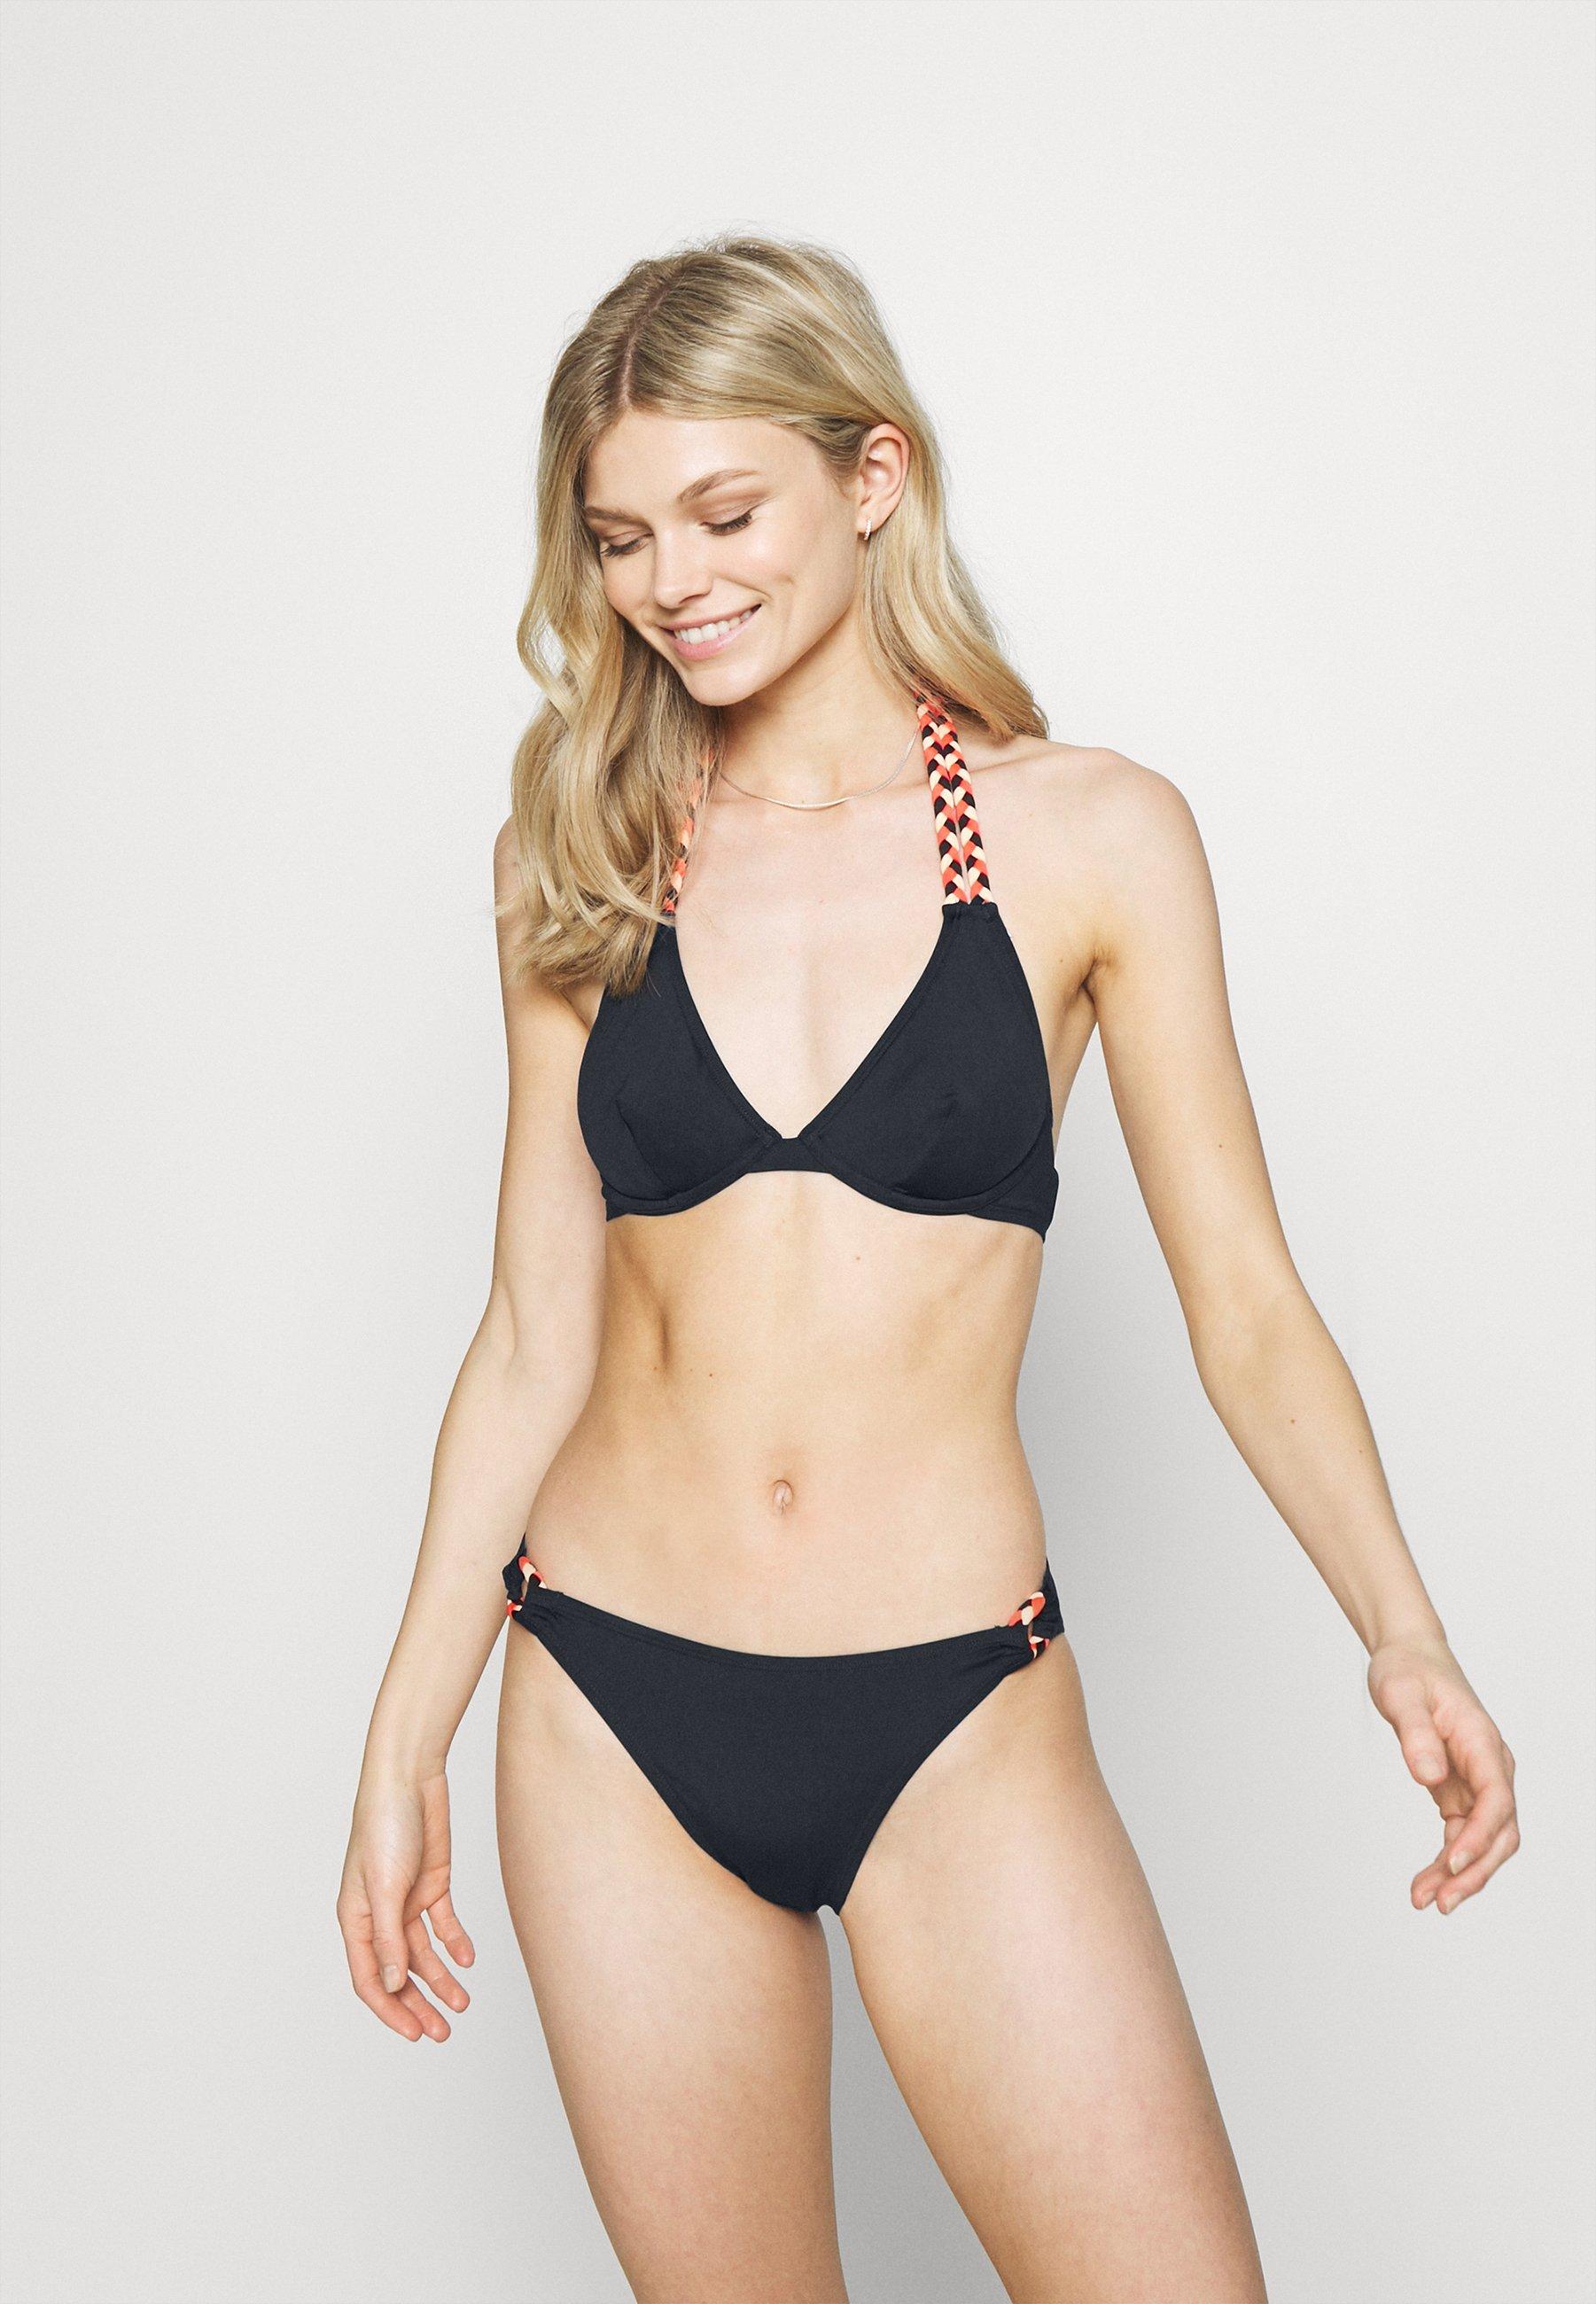 Women CLIFTON BEACH PERMINI BRIEF - Bikini bottoms